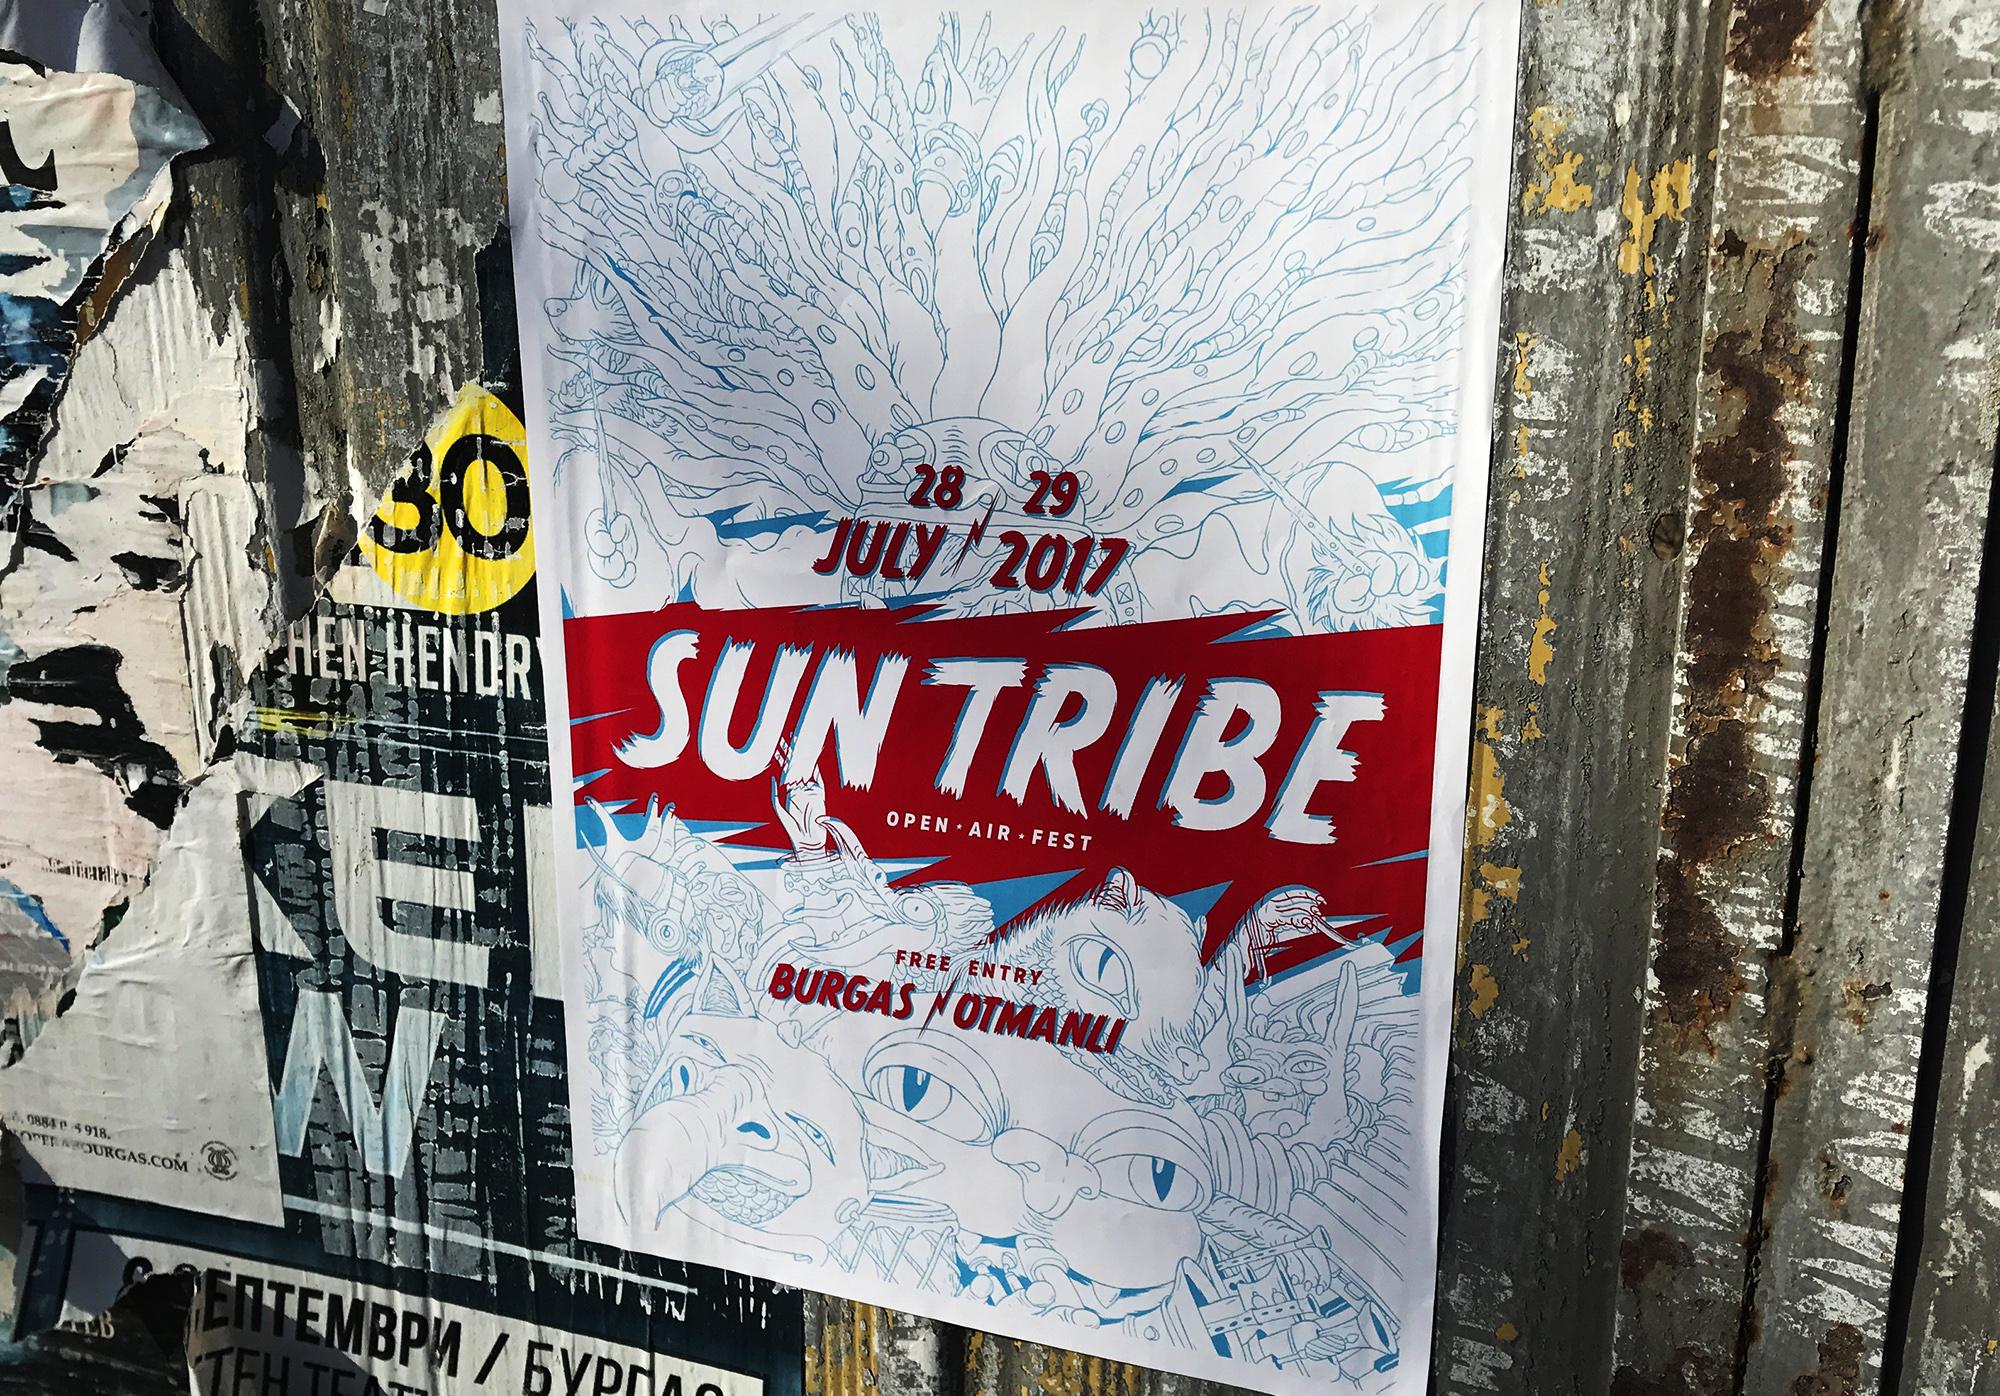 Sun Tribe fest poster